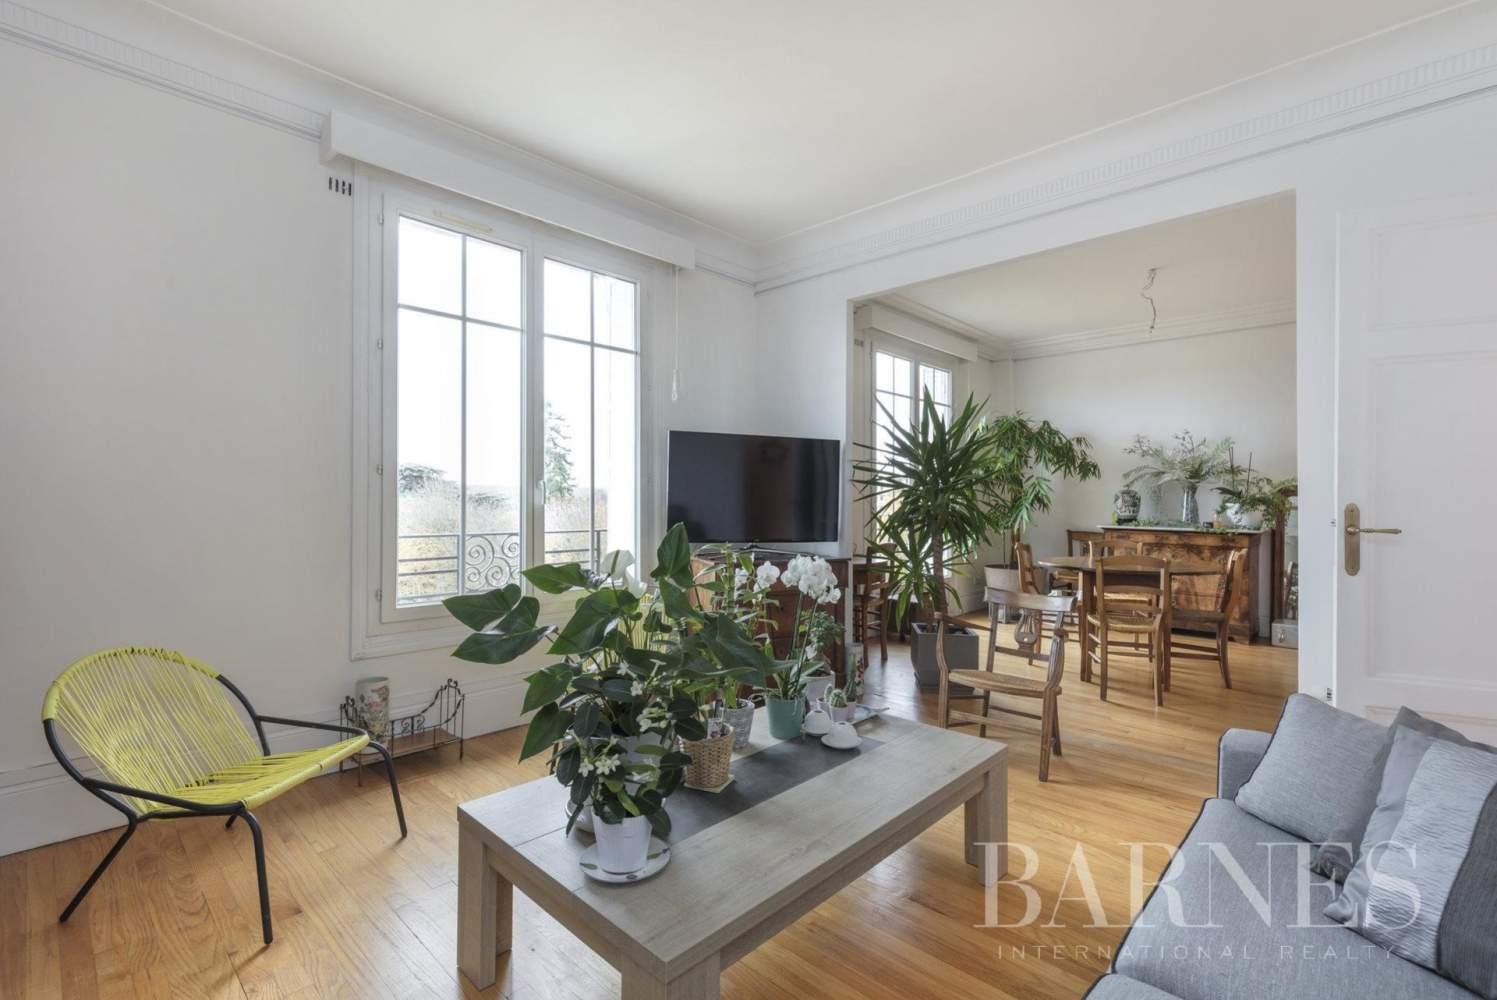 Saint-Germain-en-Laye  - Appartement 5 Pièces 3 Chambres - picture 13